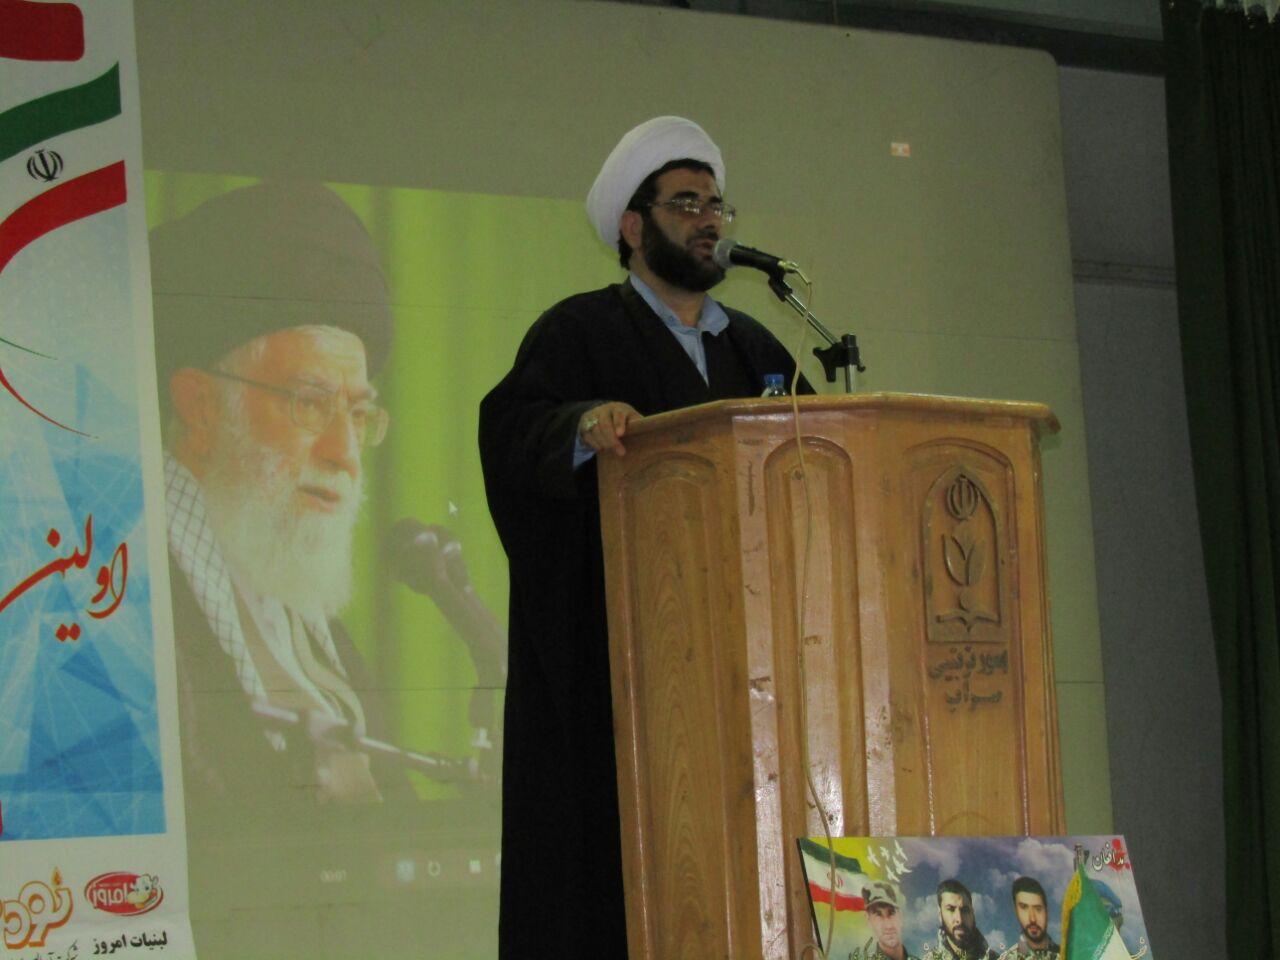 تهاجم فرهنگی بزرگترین بحران جامعه ایران